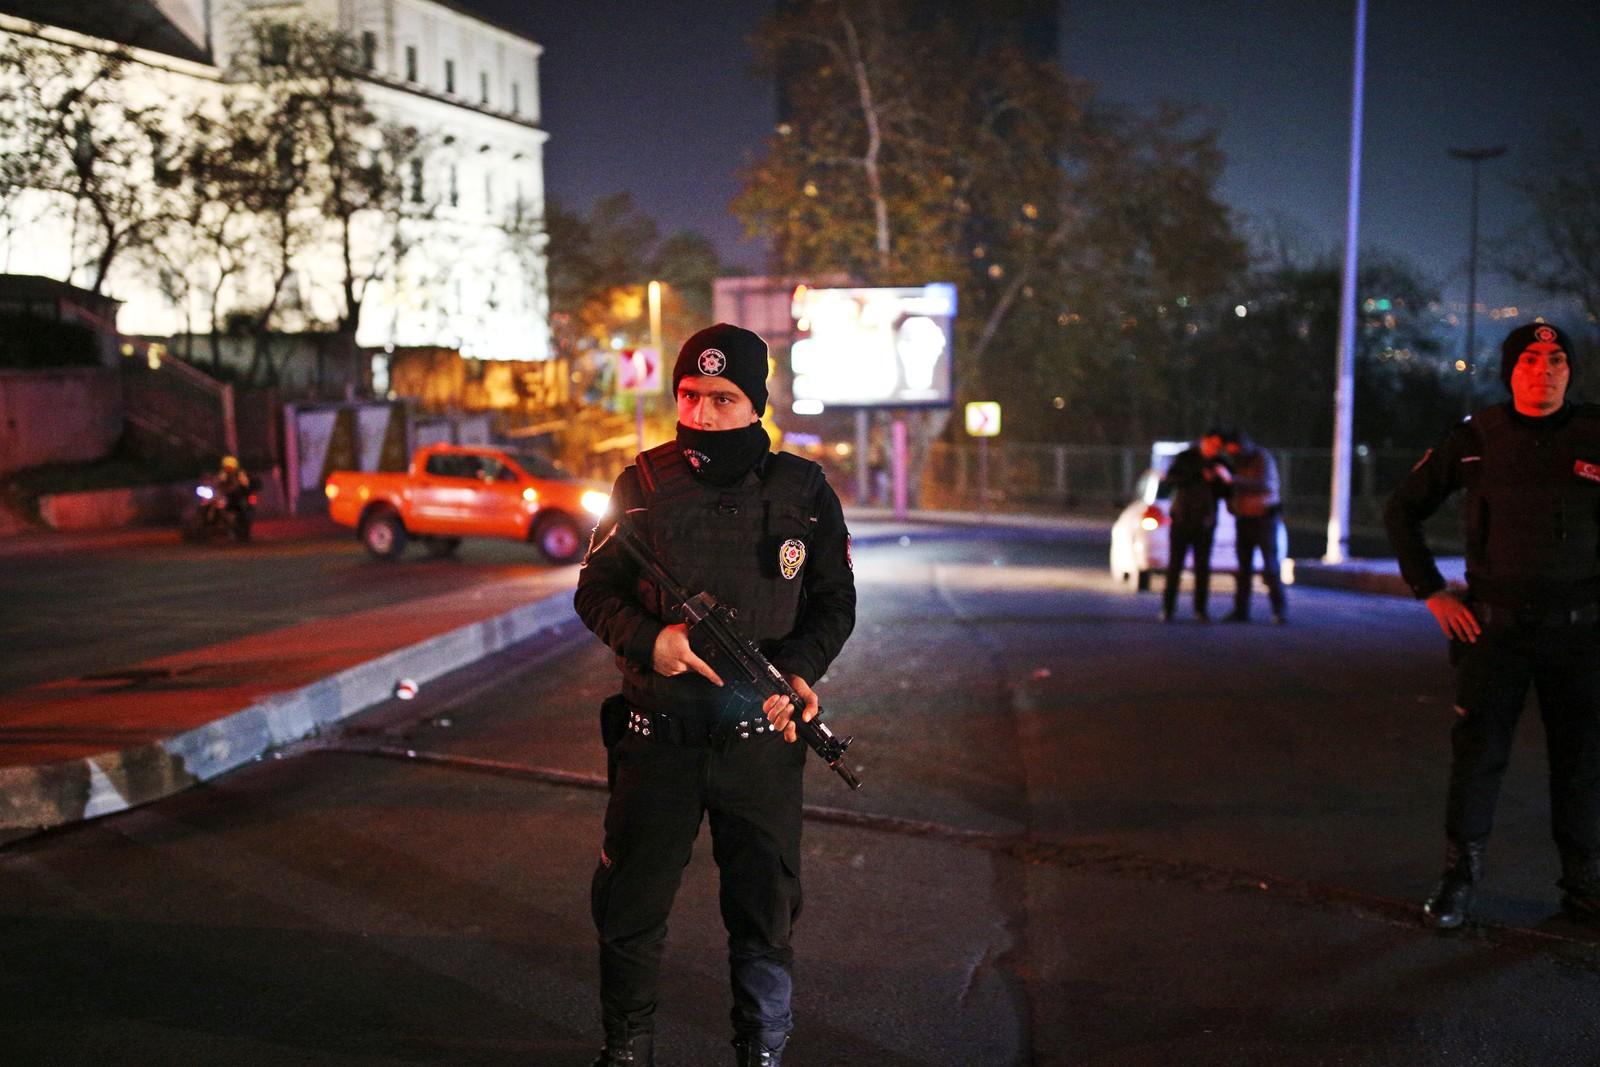 En tyrkisk politimann står vakt utenfor Vodafone Arena. Etter fotballkampen mellom Besiktas og Bursaspor er det meldt om to store eksplosjoner.